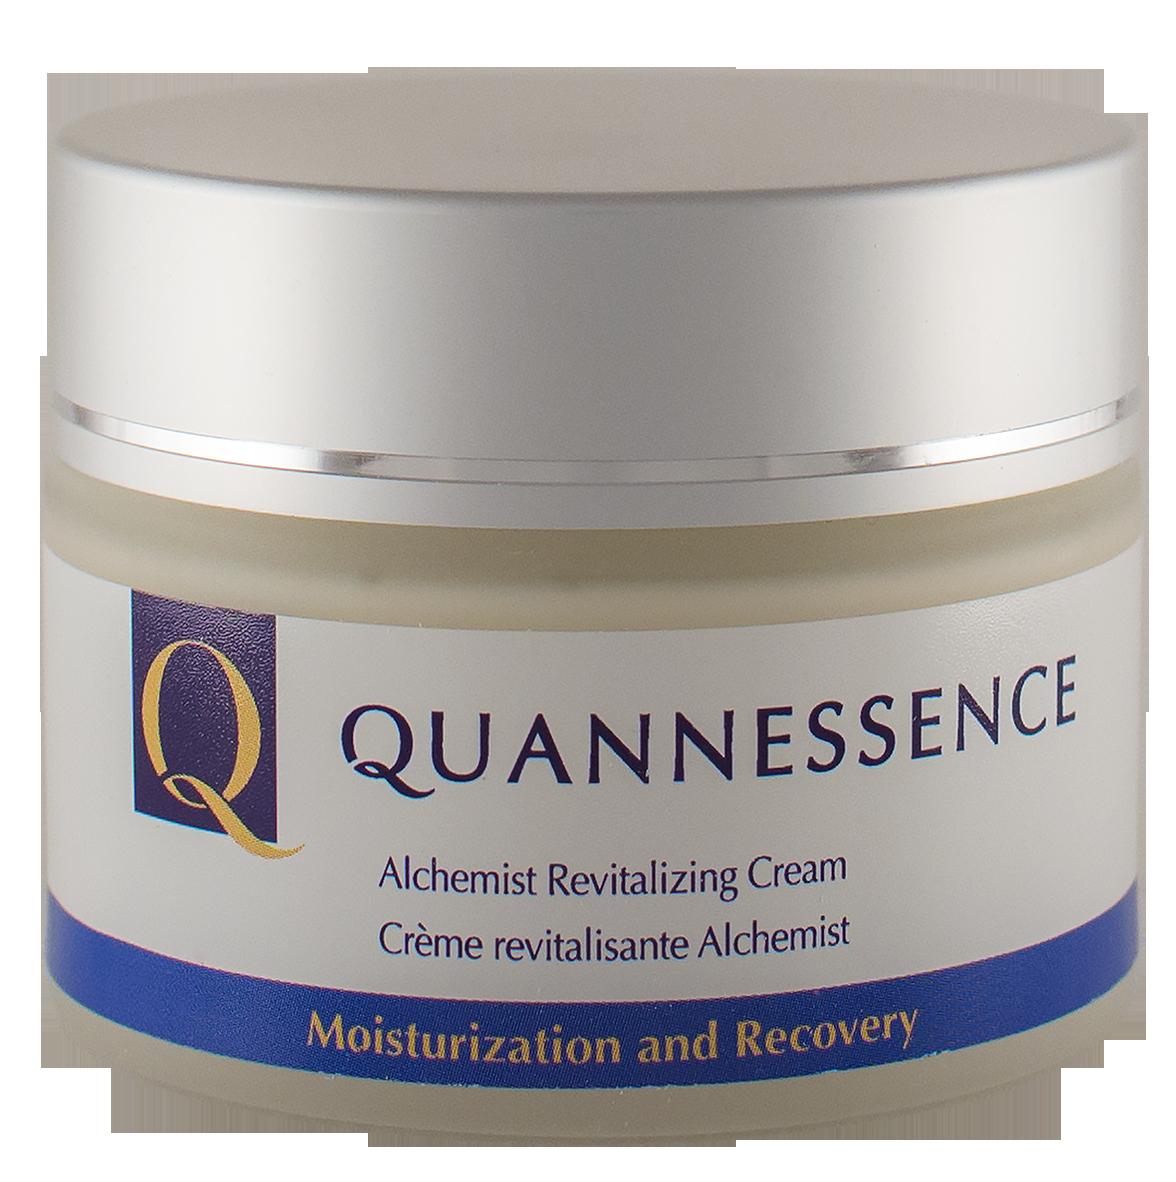 Quannessence Alchemist Revitalizing Cream